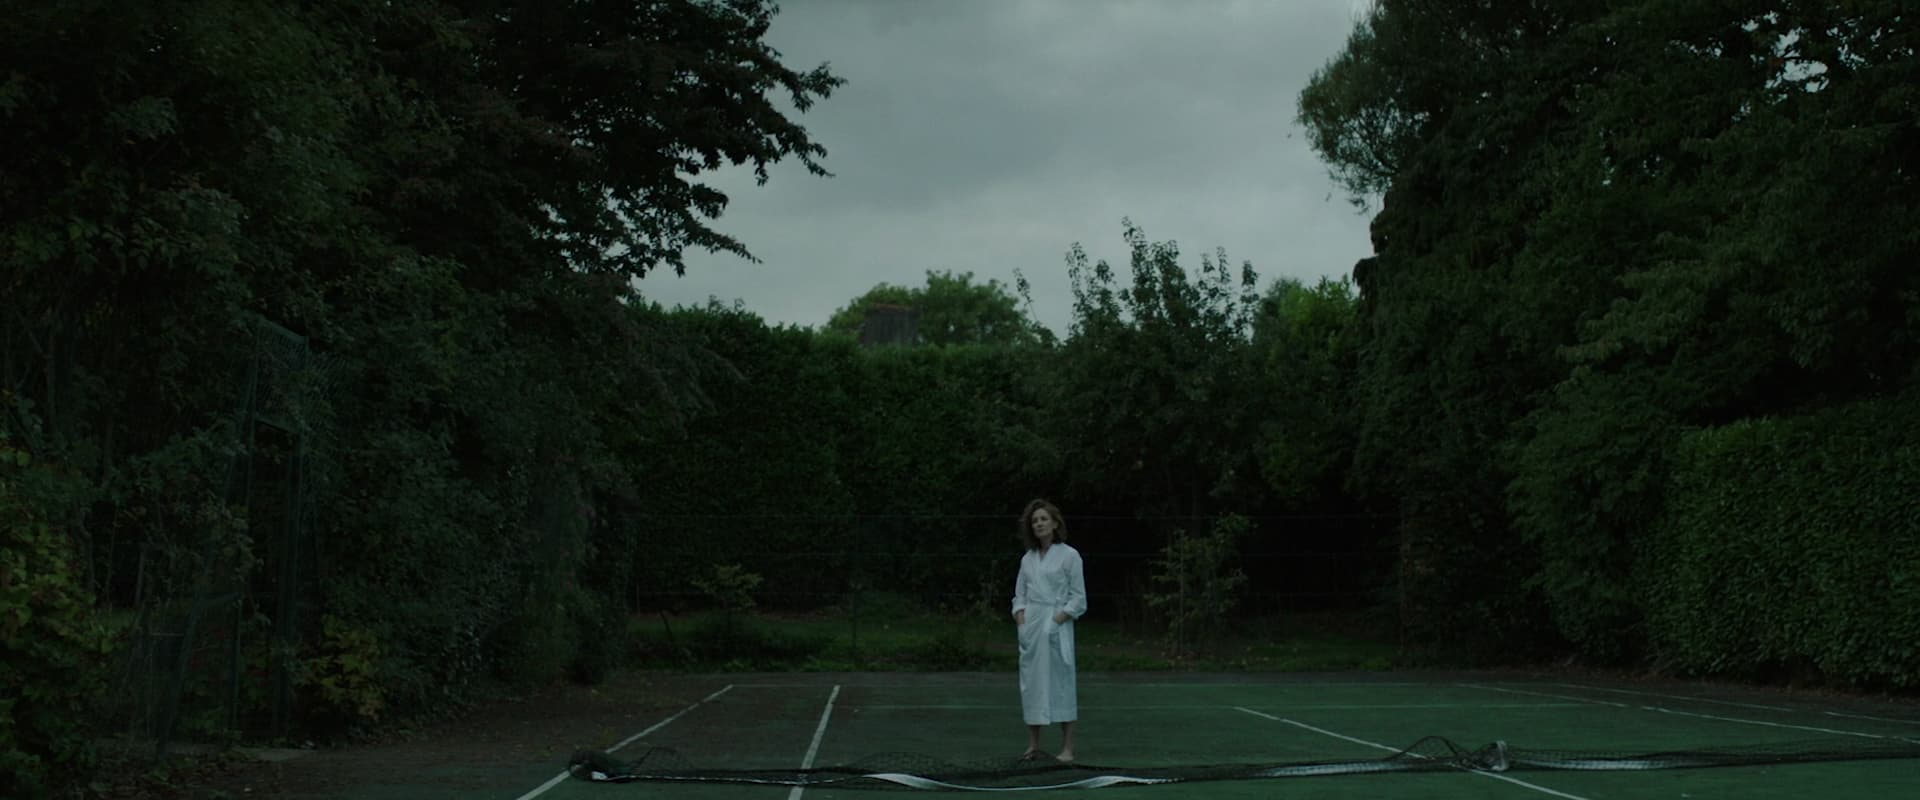 Рецензия на фильм «Роуз притворяется Джули». Deaddinos - изображение 2